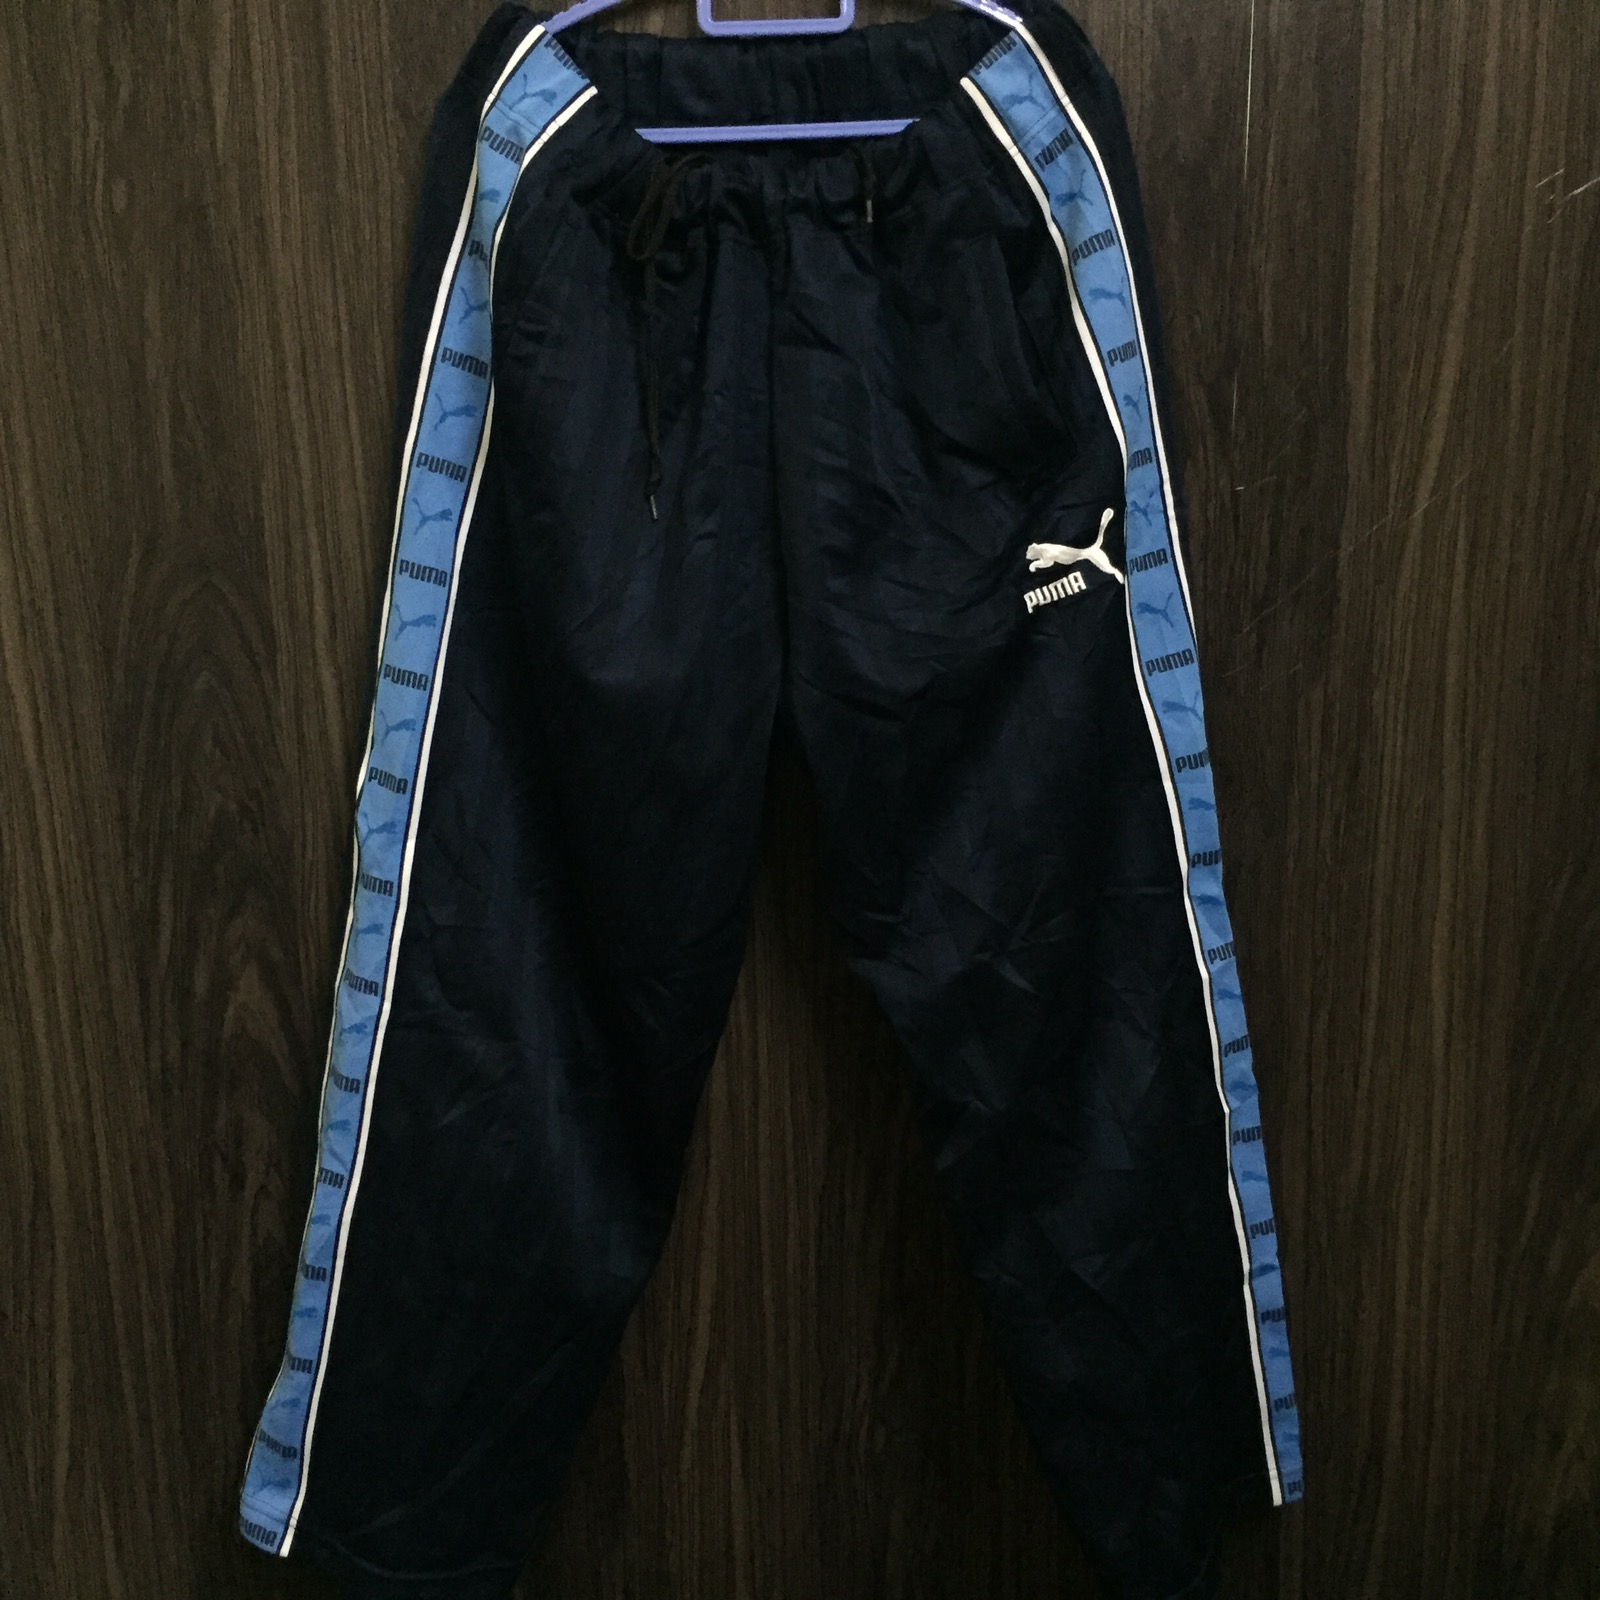 b59491bad6 Vintage × Puma ×. Vintage 90s Puma Striped Track Pants / Side Tape ...